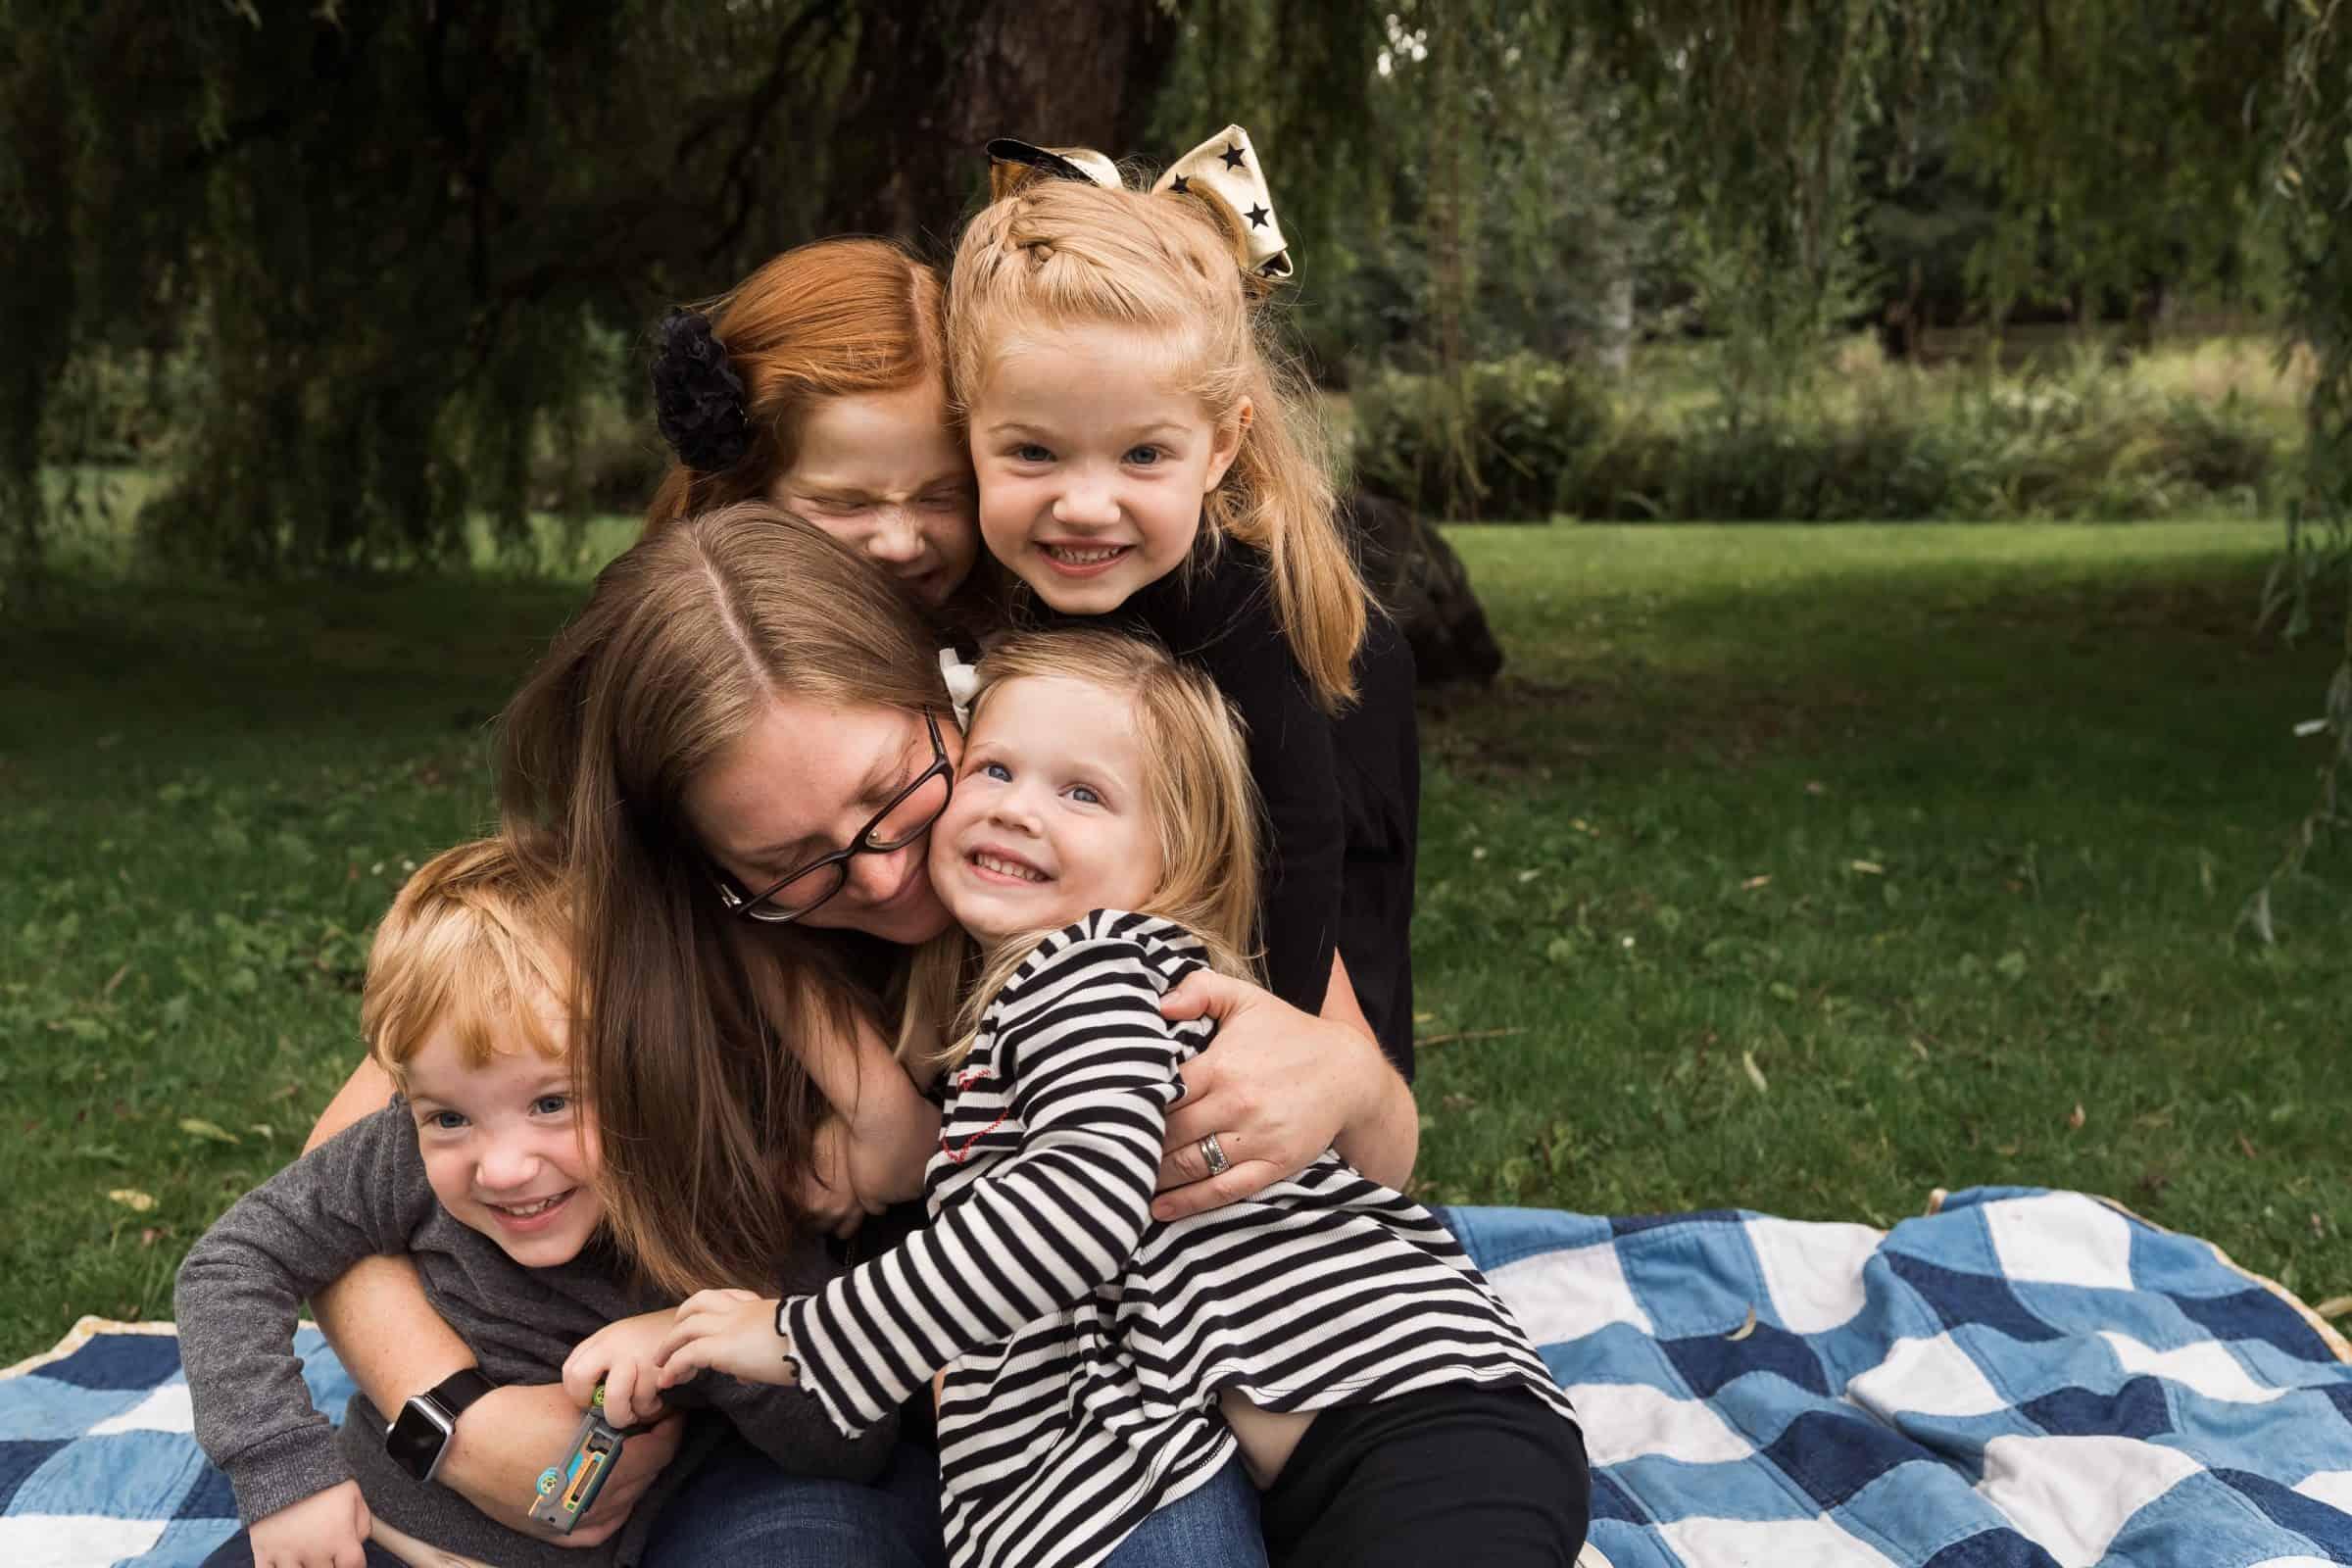 four little kids snuggling mom on blanket